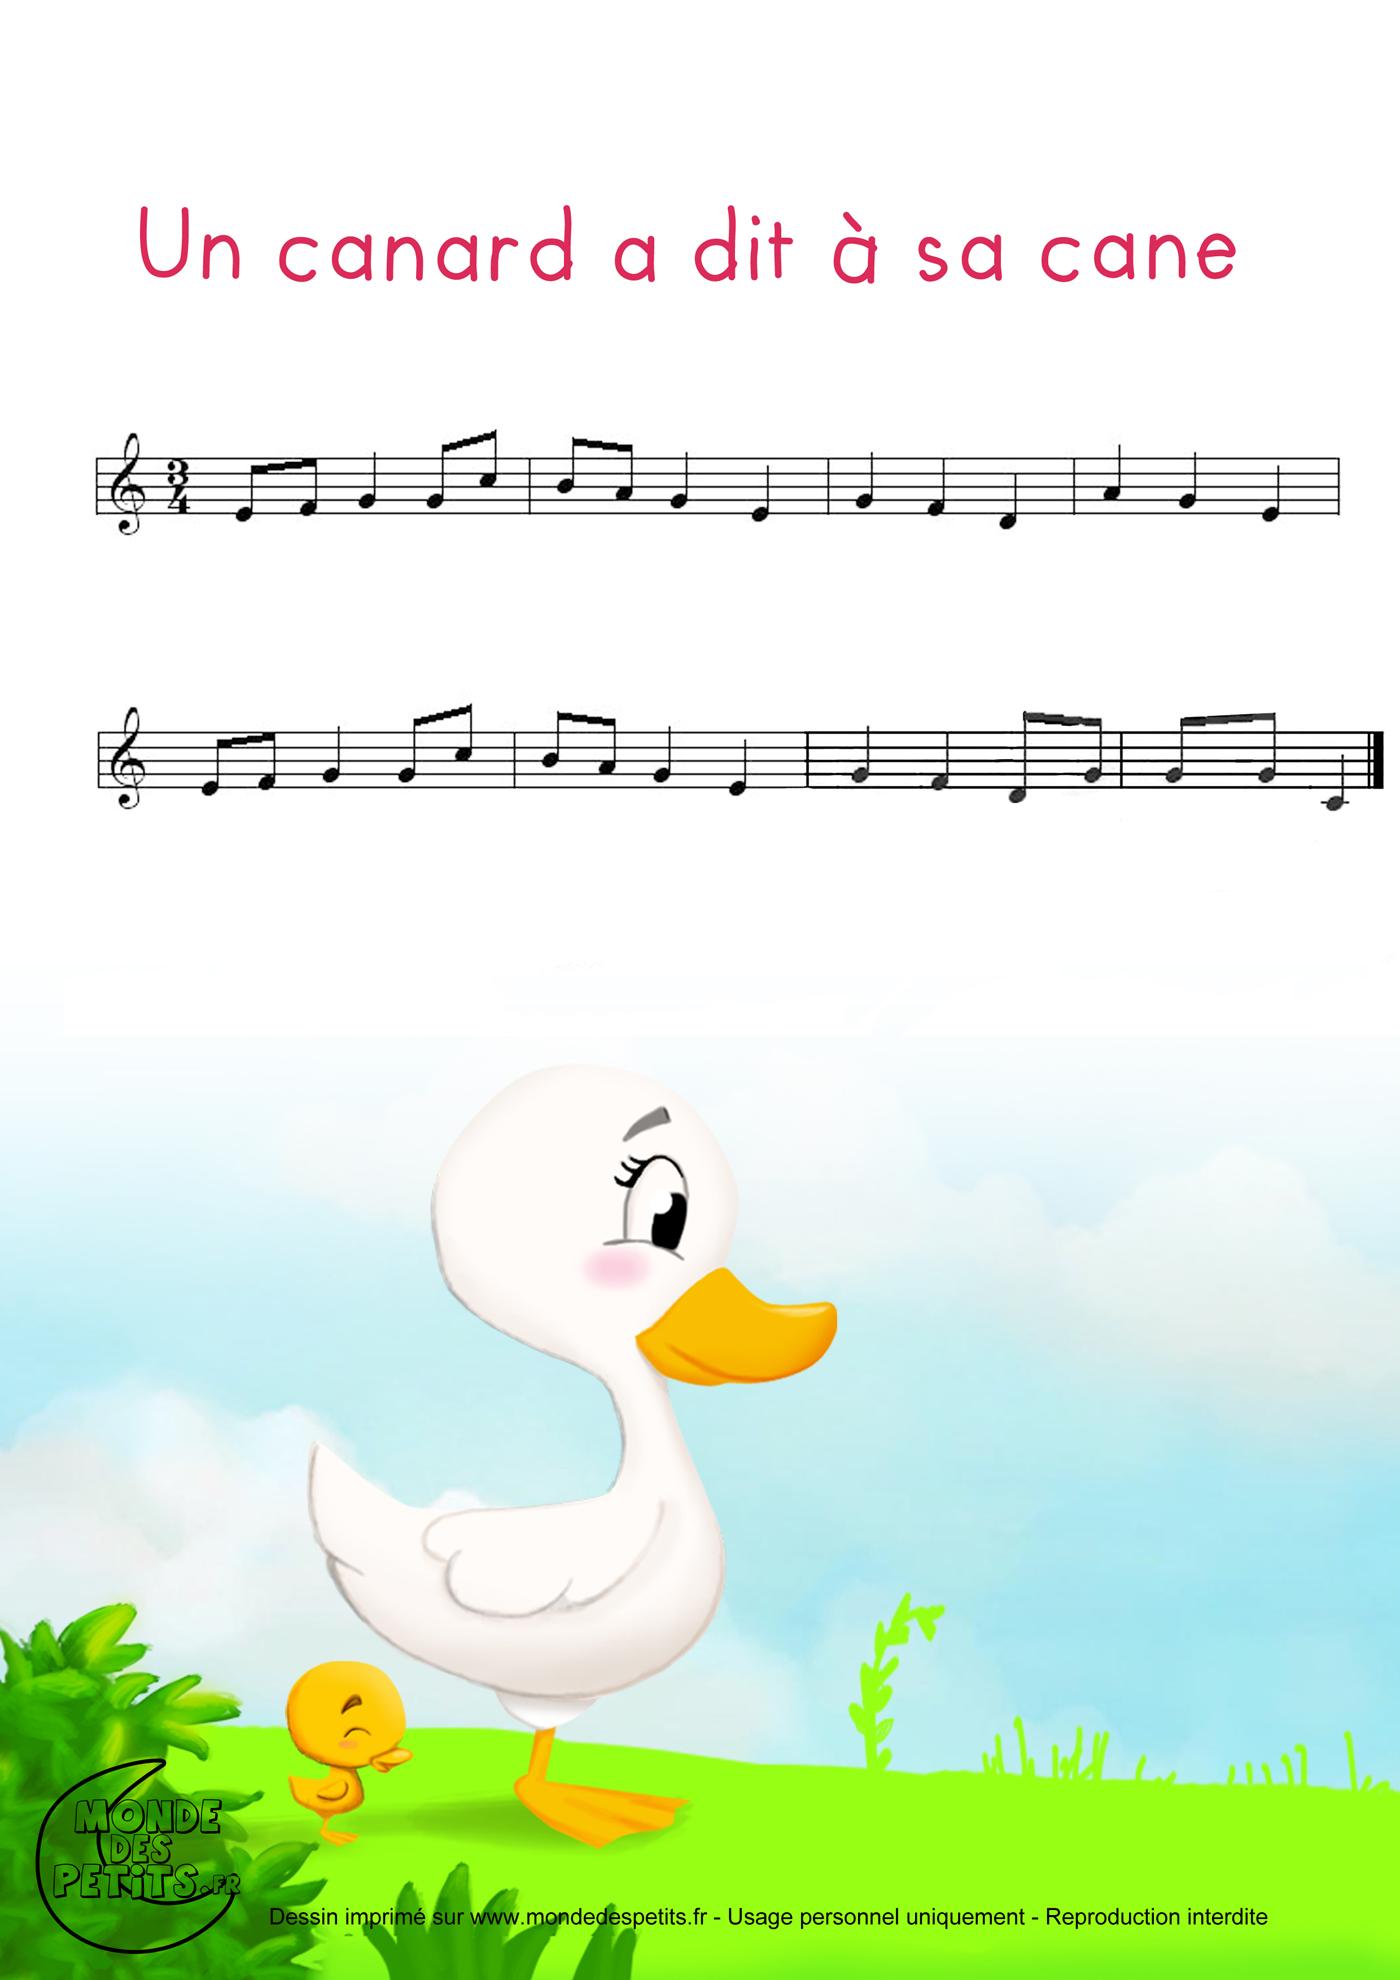 comptine, chanson, enfant, canard, cane, dit, paroles, imprimer, vidéo, partition,